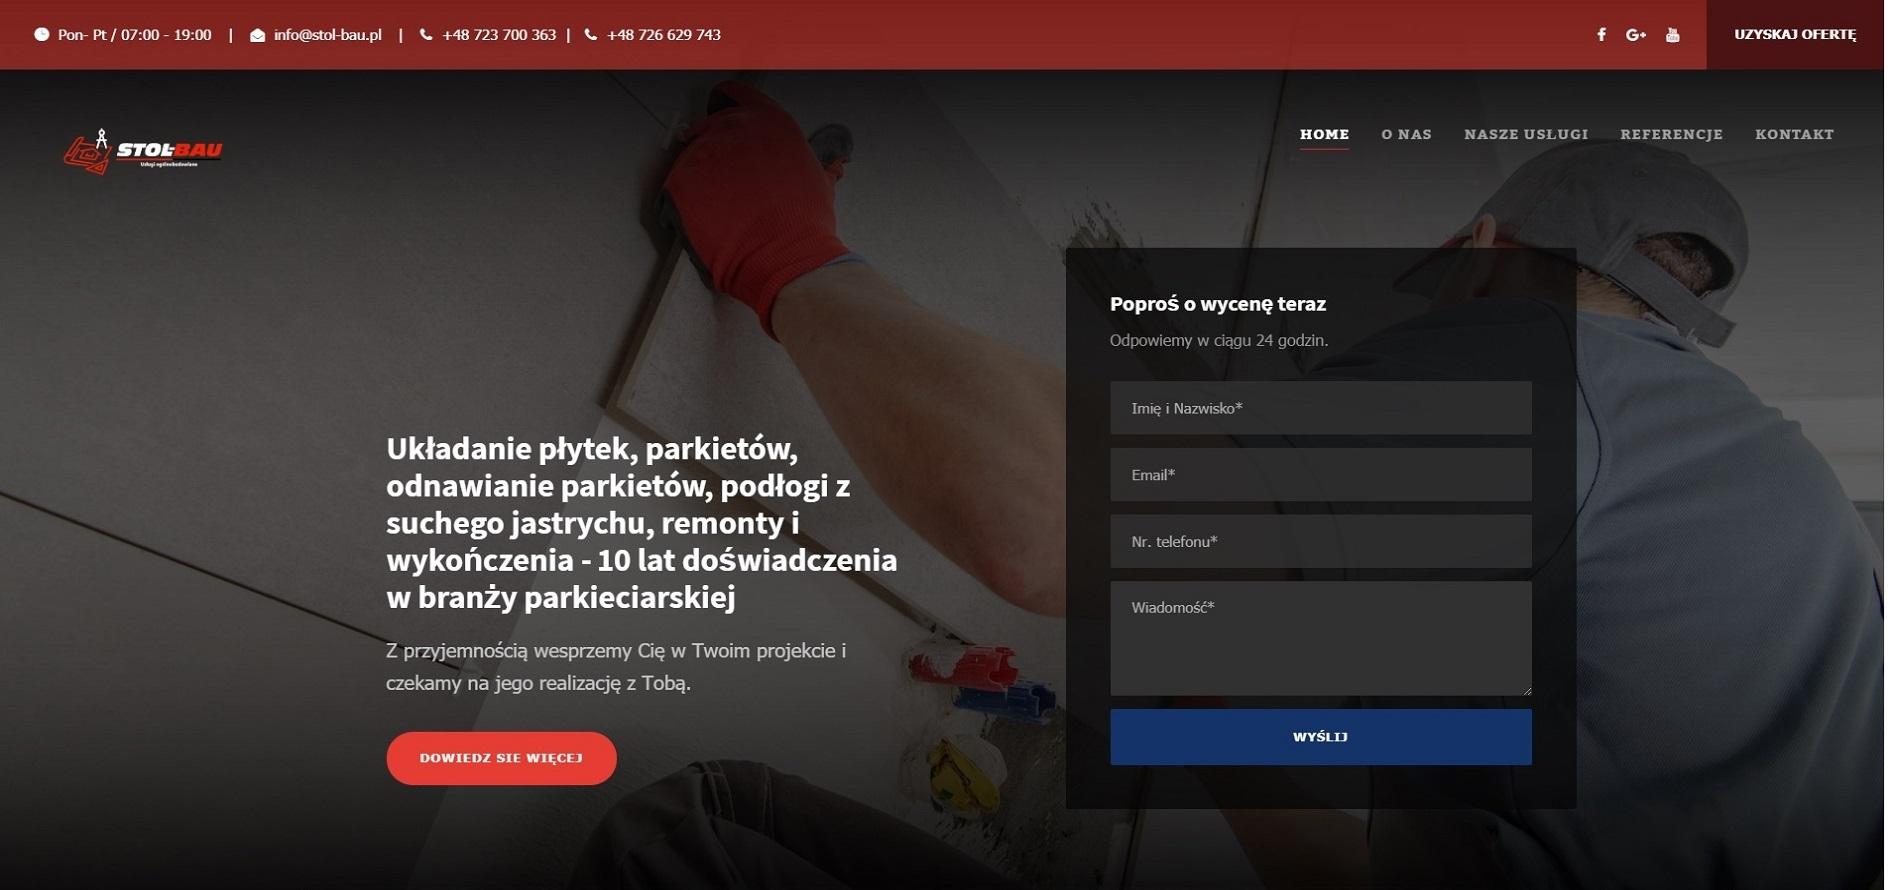 Zrzut ekranu ze strony stol-bau.pl